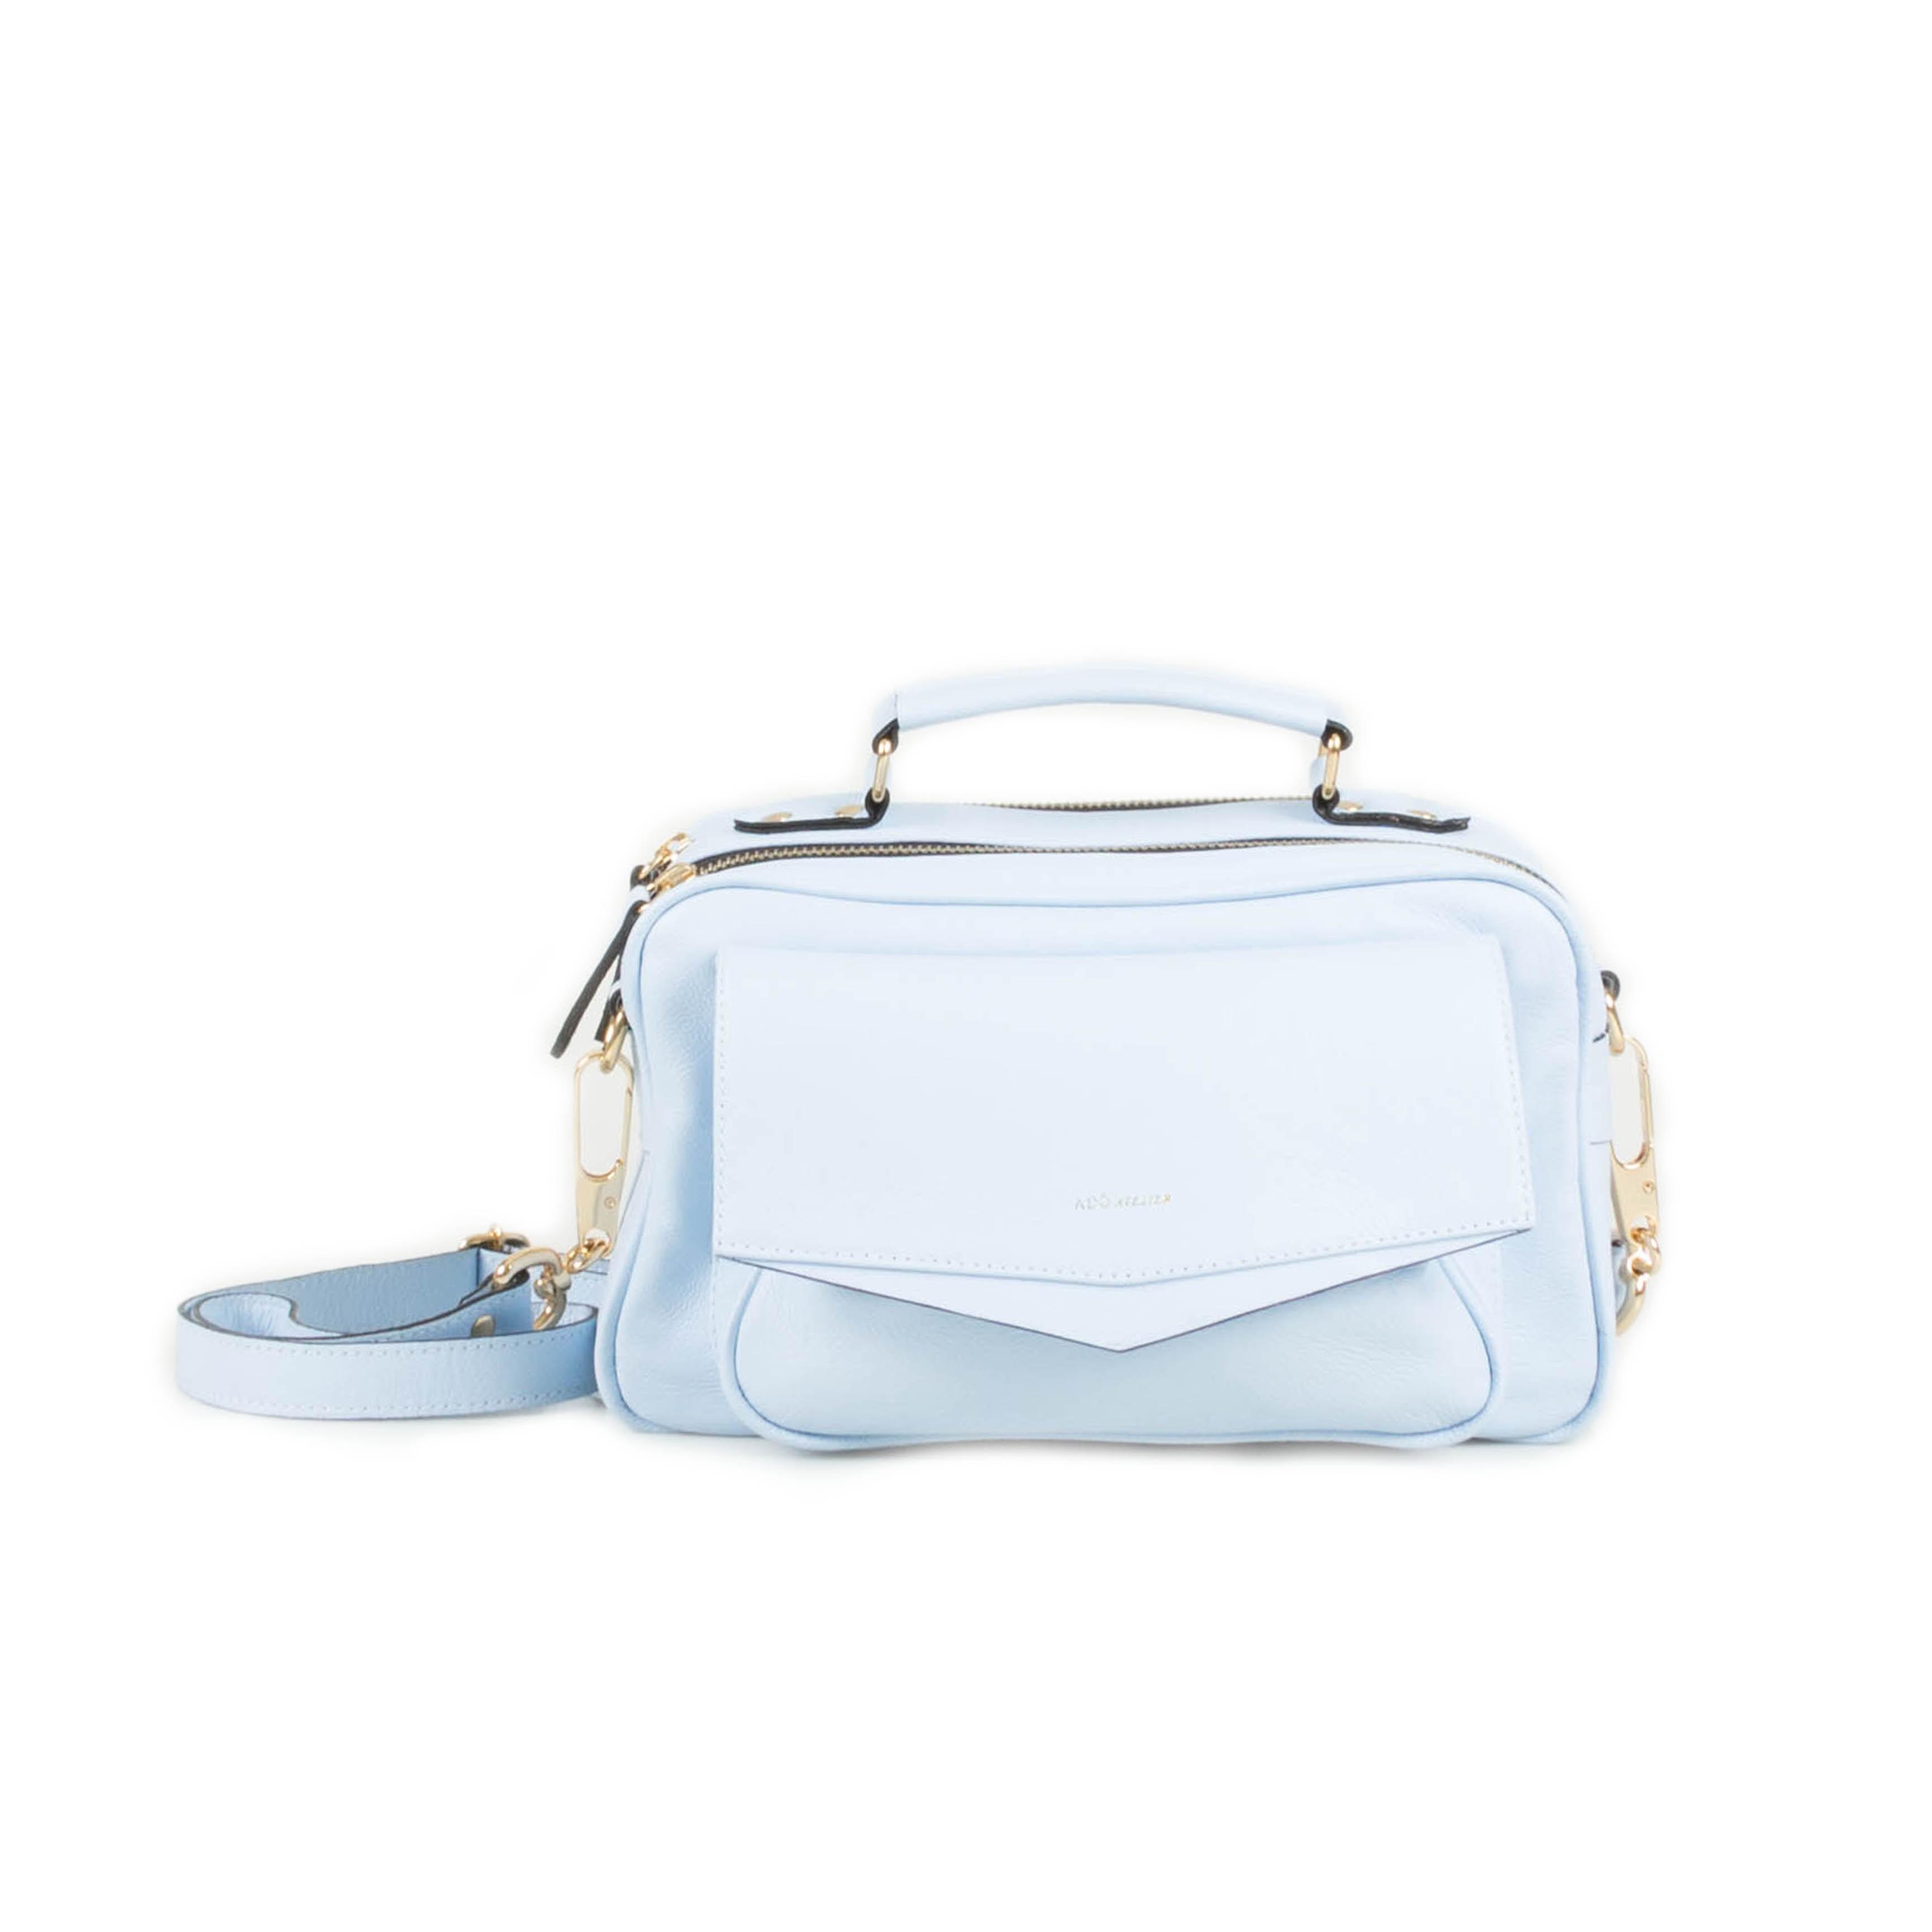 Bolsa de Couro Brick M Azul Nuvem - Adô Atelier ba28c15299c